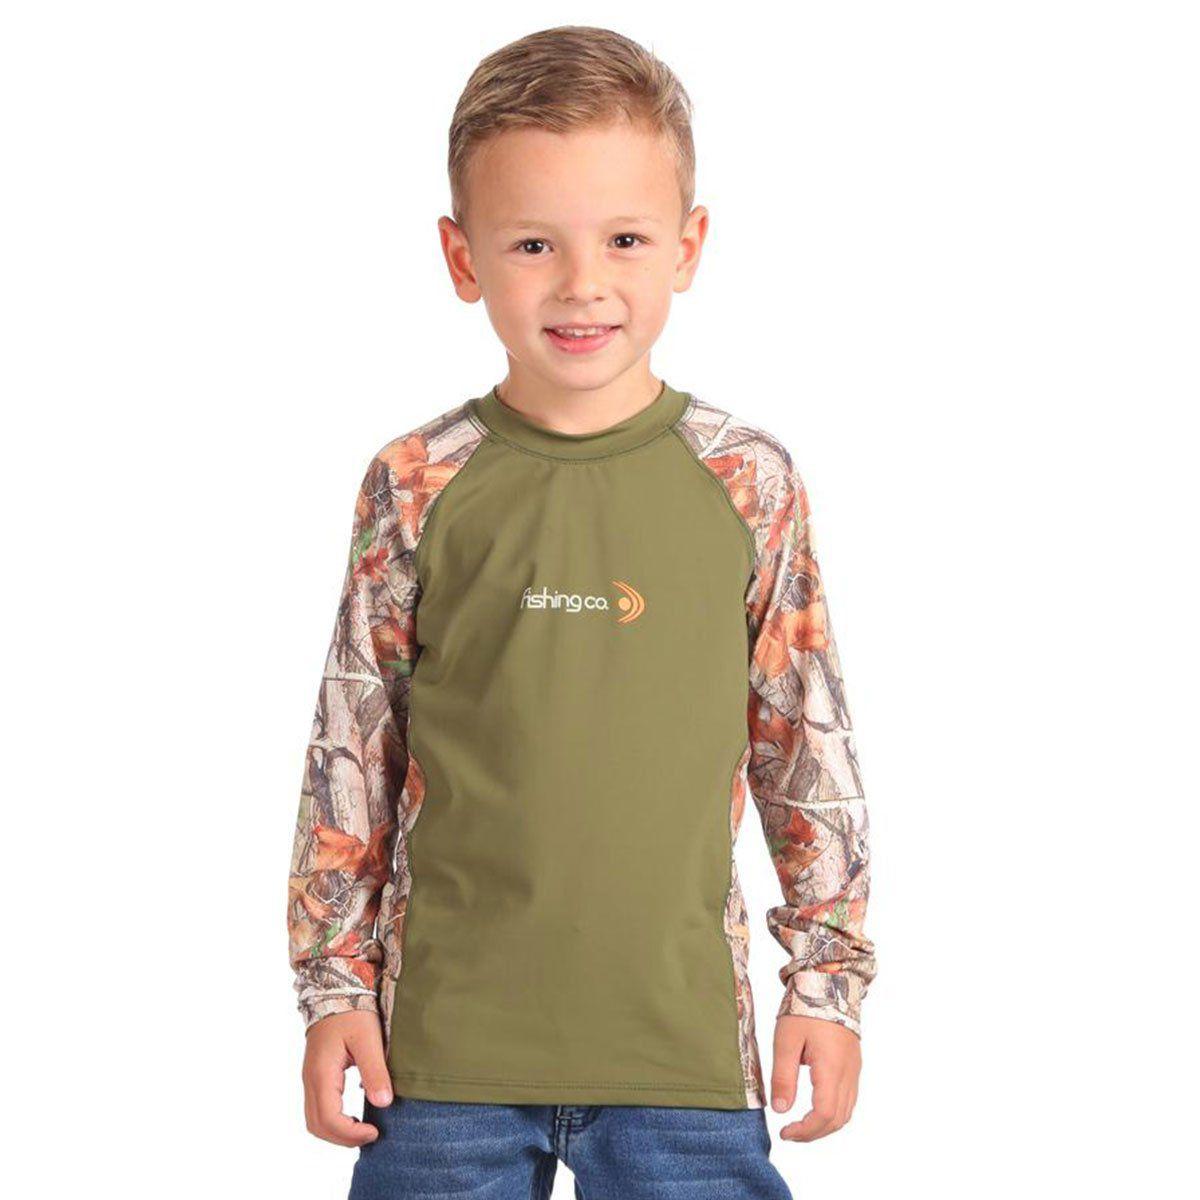 Camiseta Infantil Estampada Recorte Verde Militar/Selva